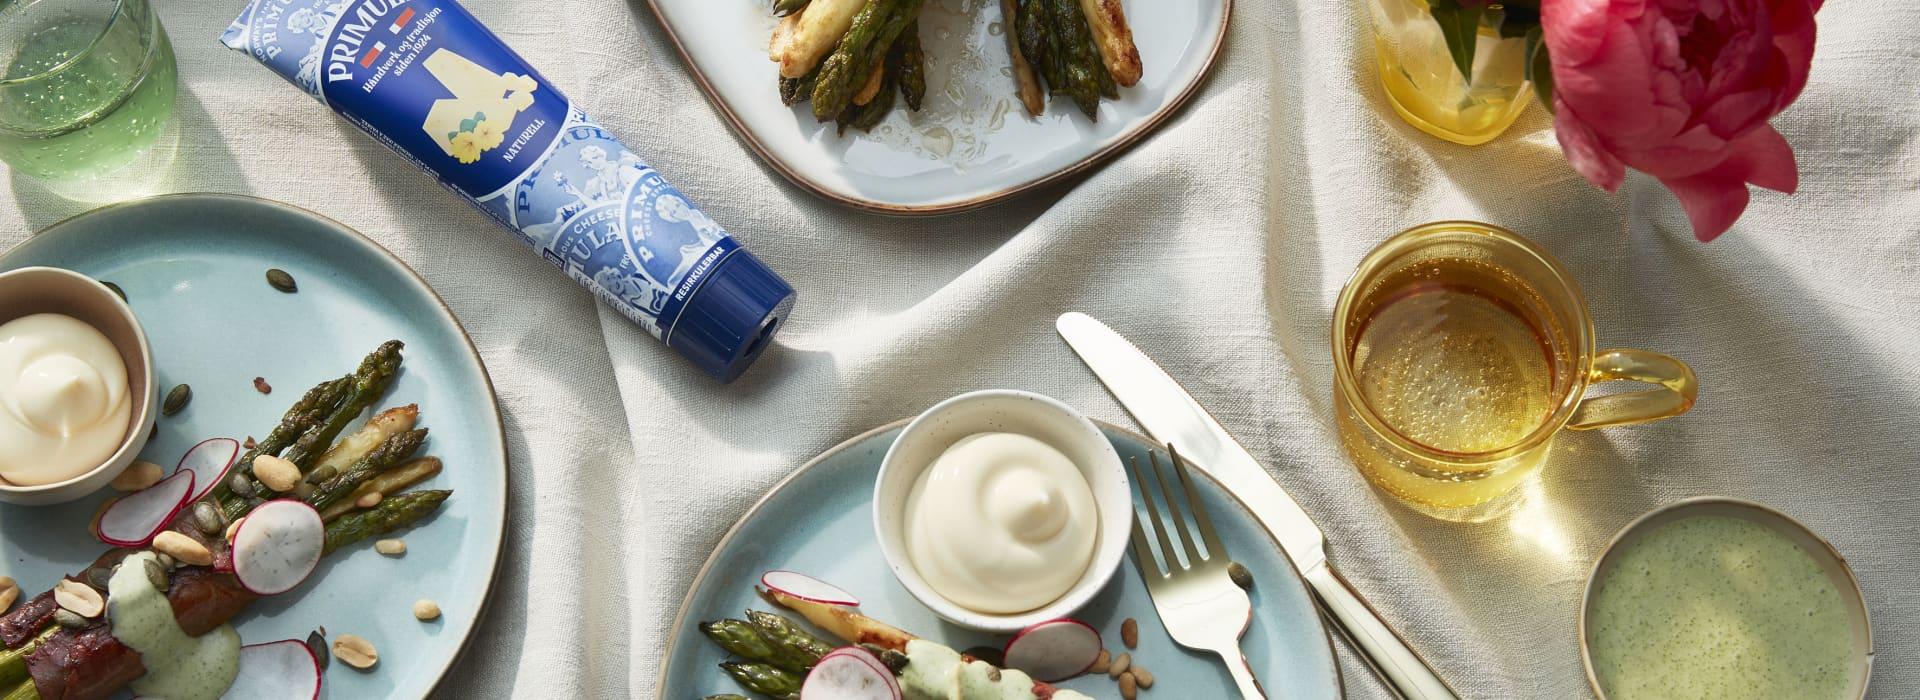 Sprøstekt hvit og grønn asparges surret i spekeskinke, toppet med Primula-dressing.